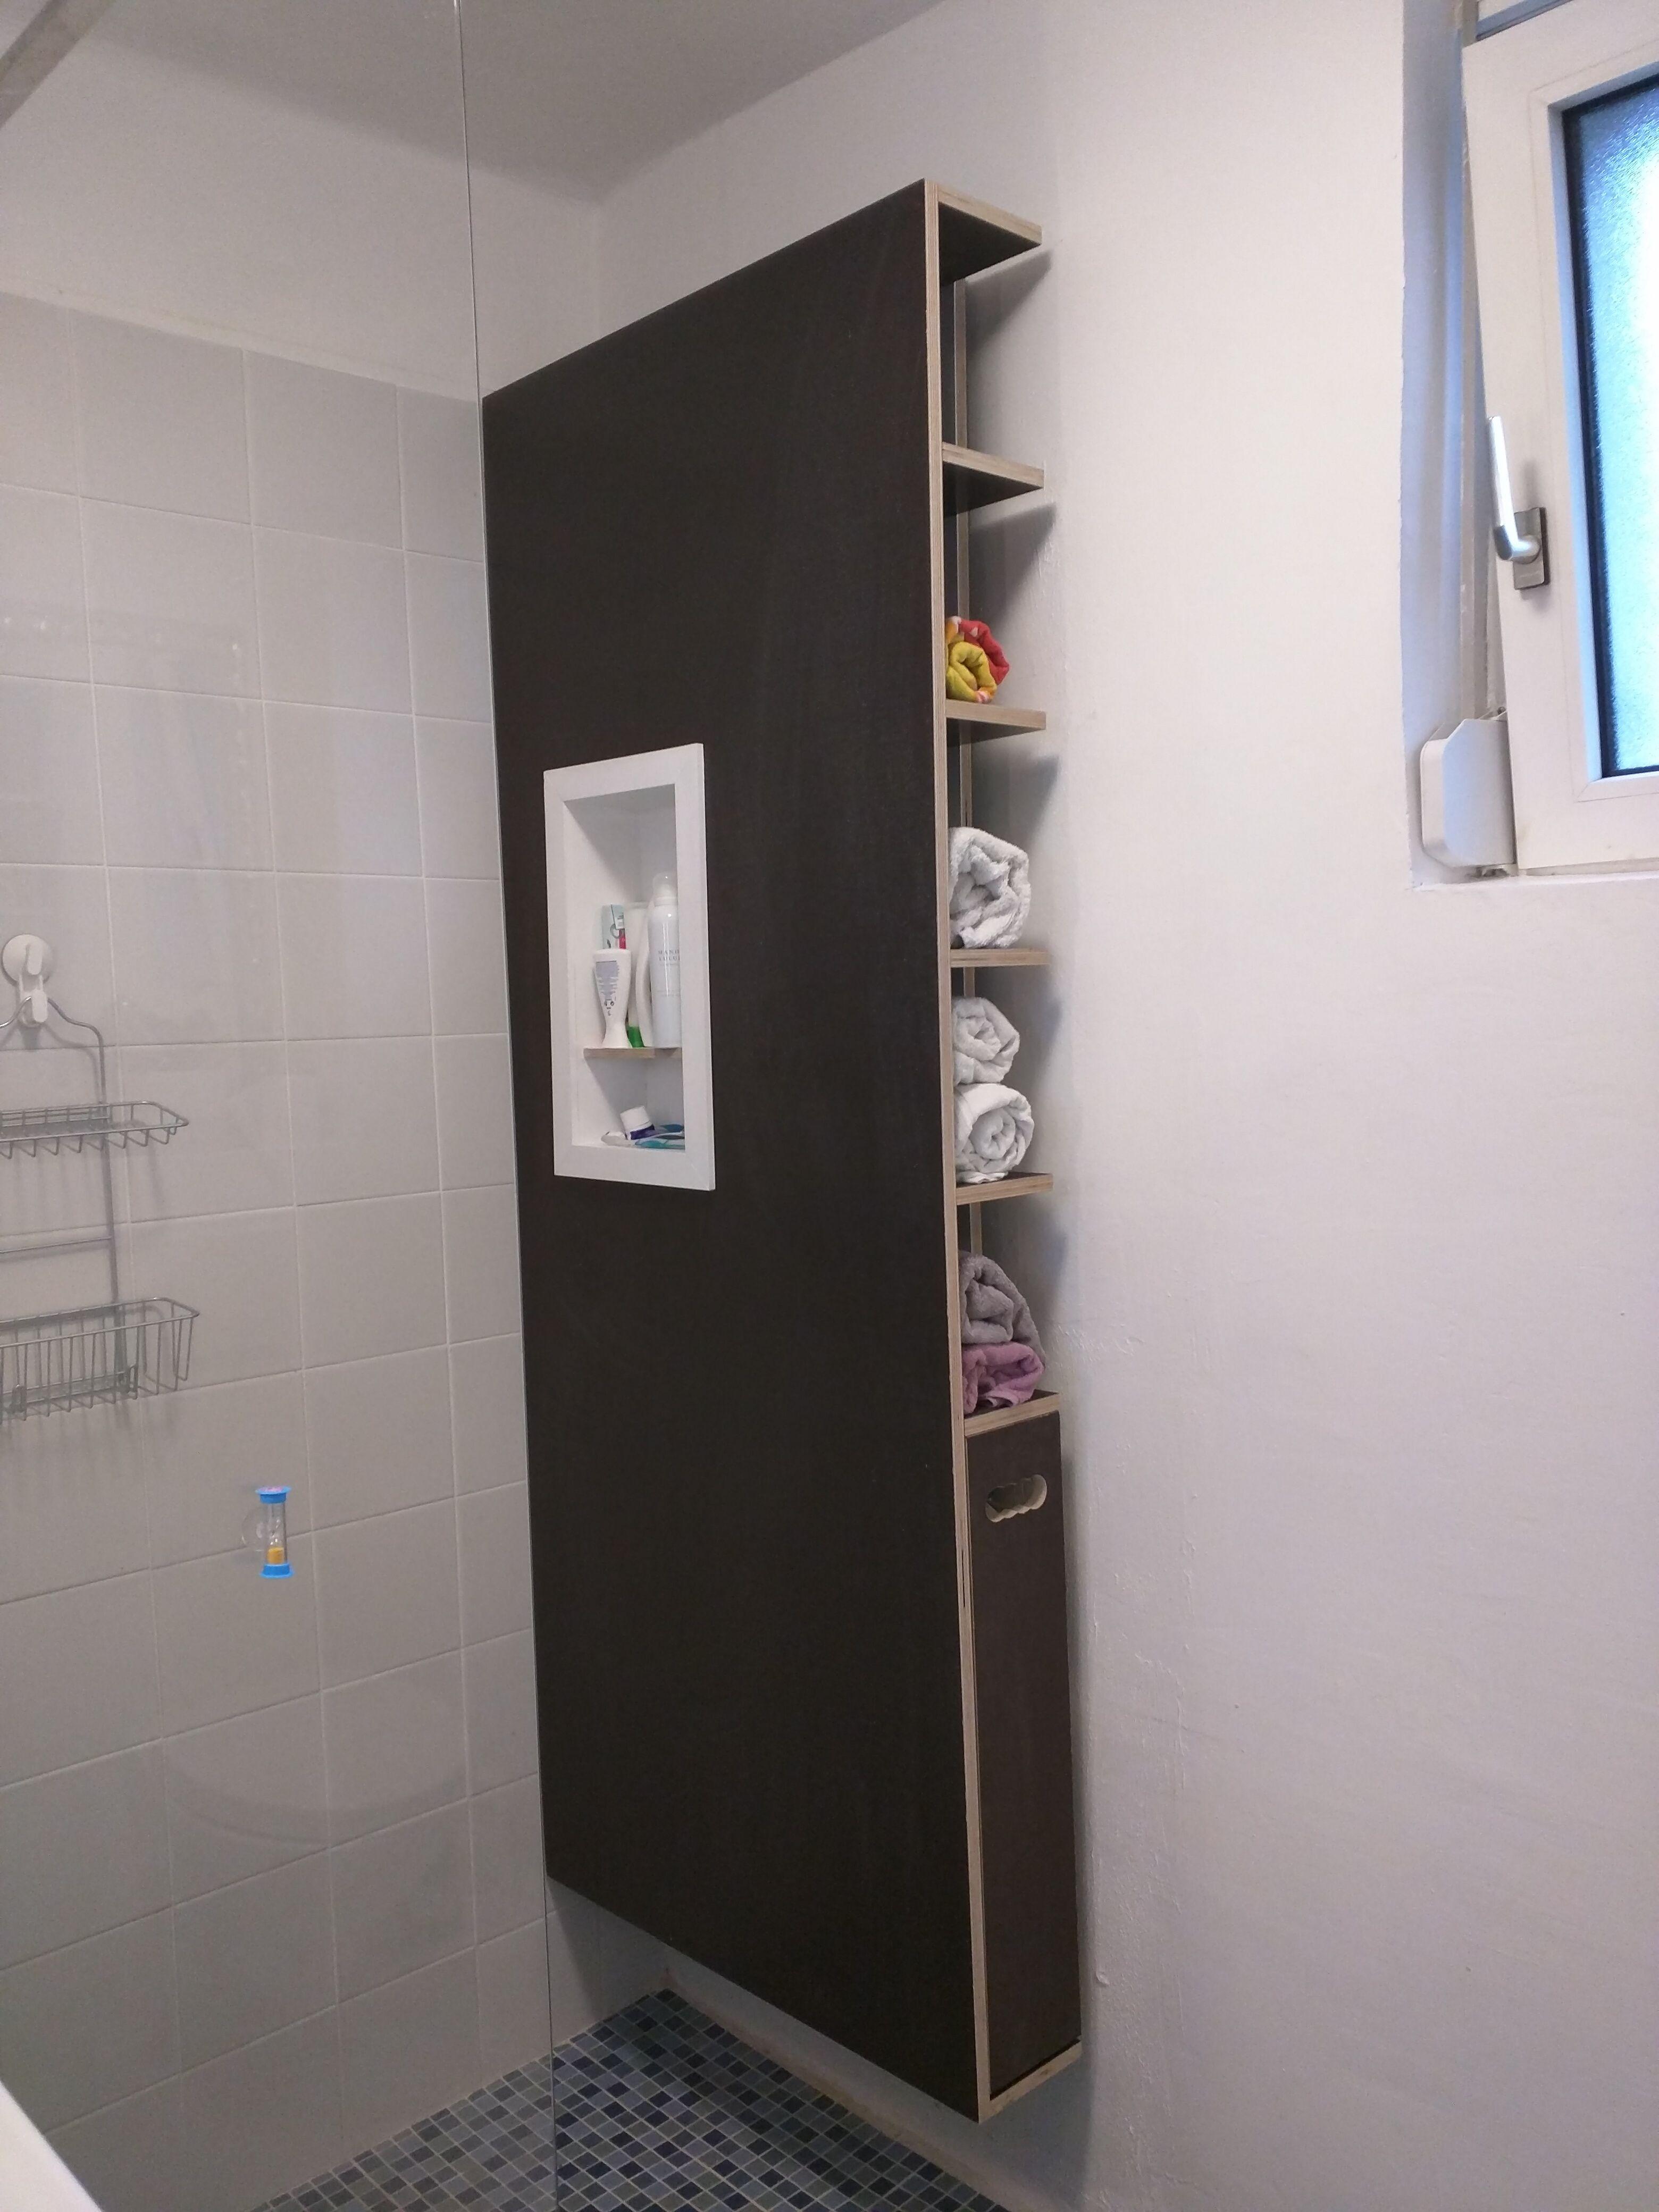 Badmobel Mit Shampoohalter Handtuchregal Und Schublade Siebdruckplatten Fur Feuchtraum Handtuchregal Diy Mobel Badezimmer